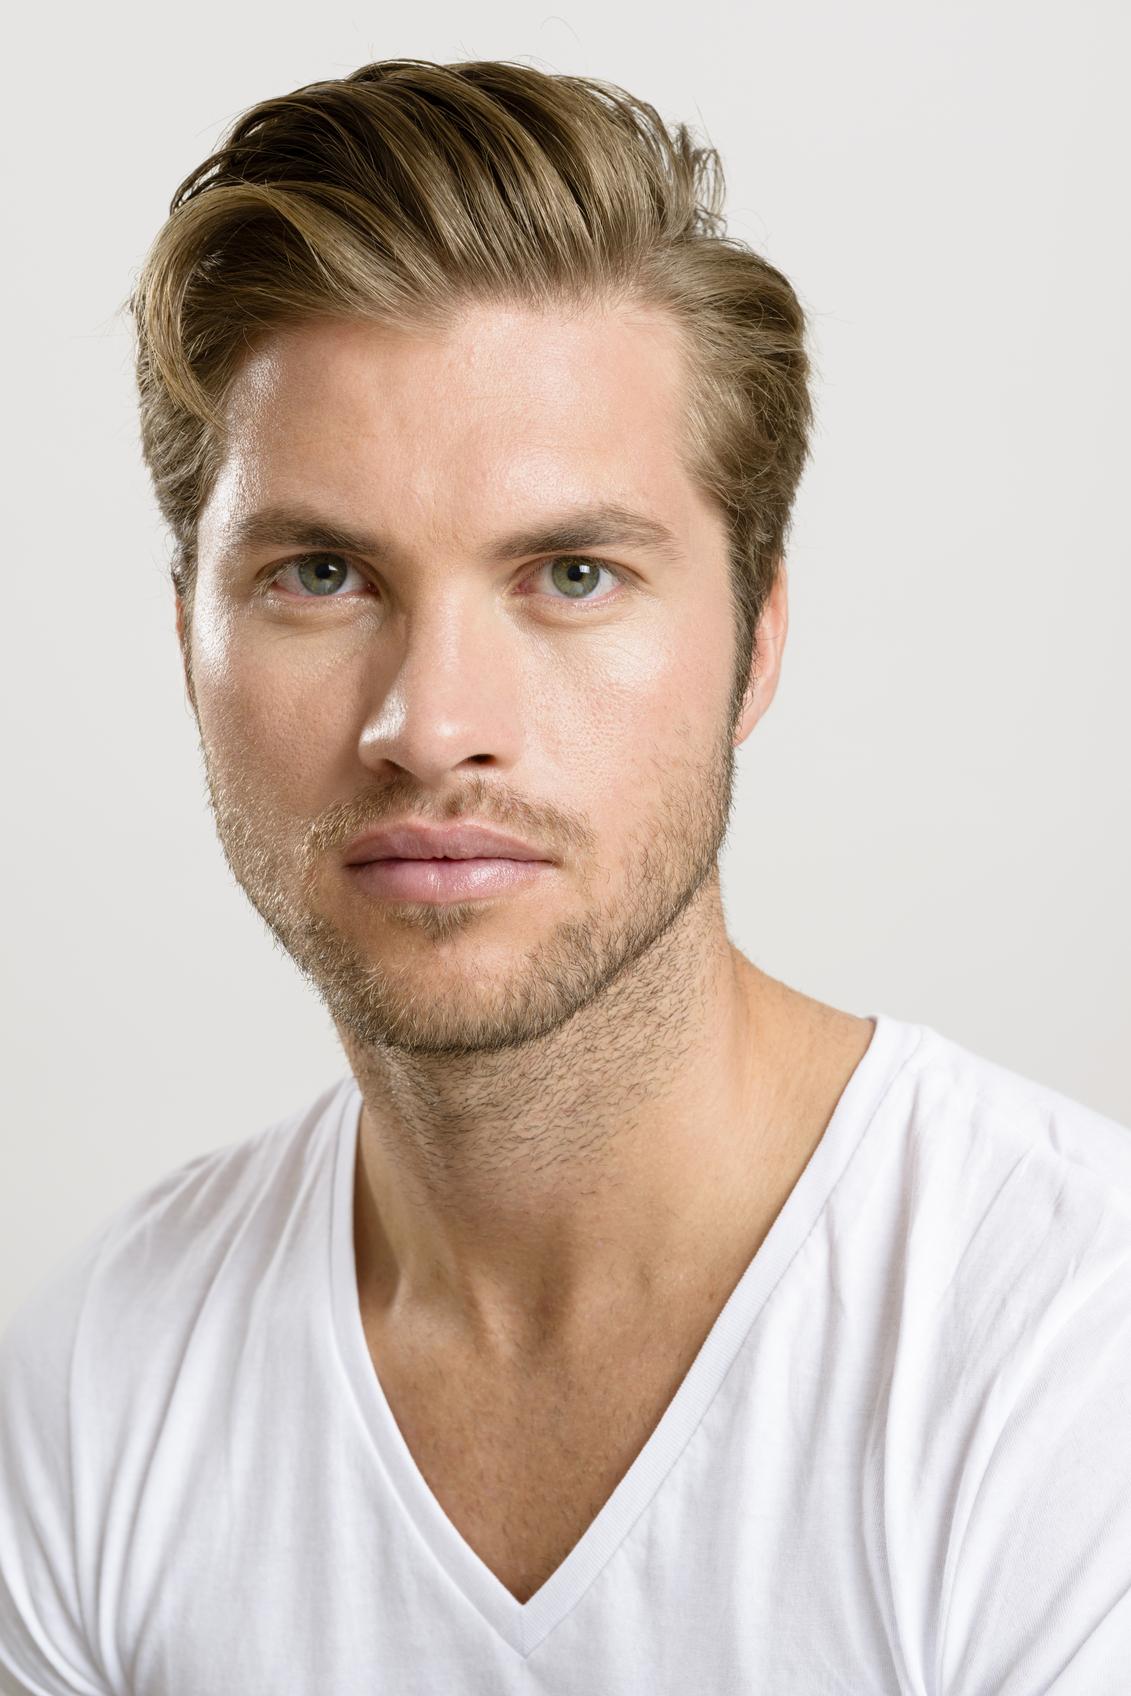 Handsome Man - Portrait